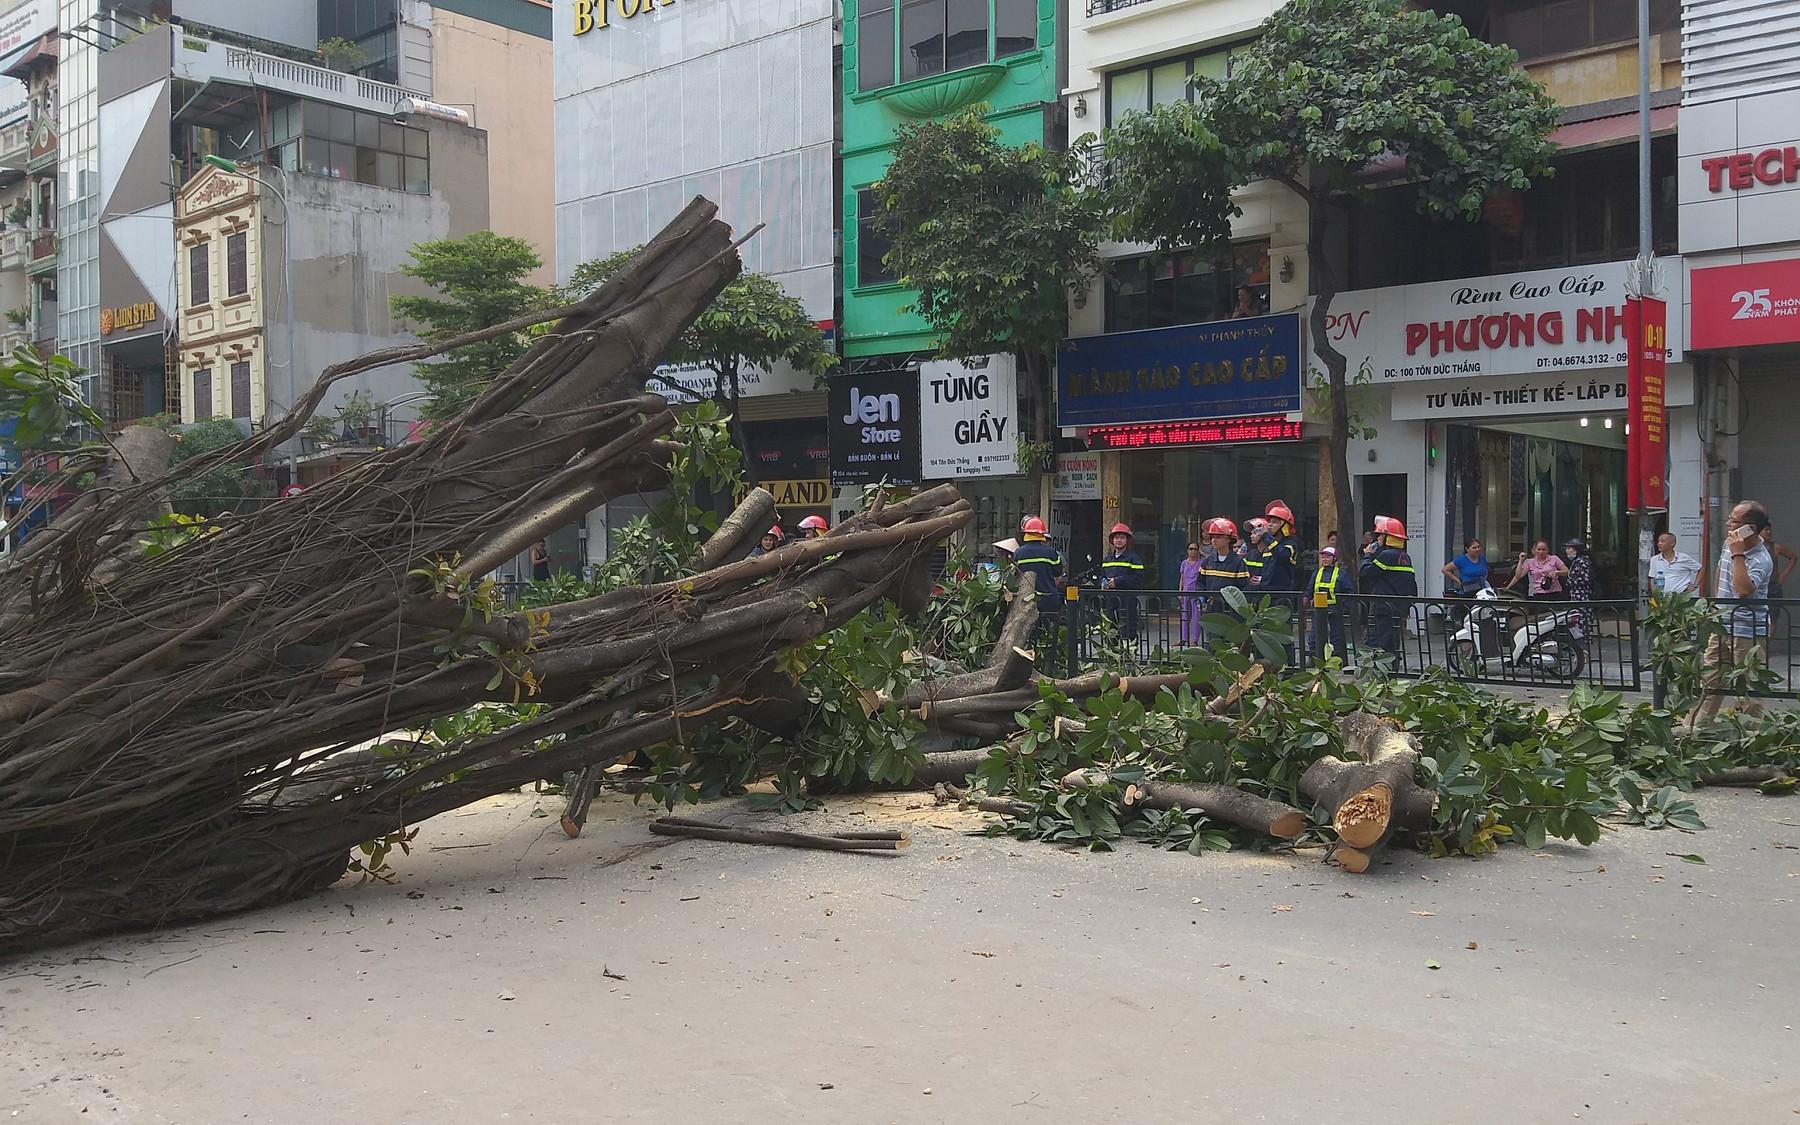 Hà Nội: Cây đa cổ thụ bất ngờ đổ chắn ngang đường, tài xế thót tim khi thoát nạn